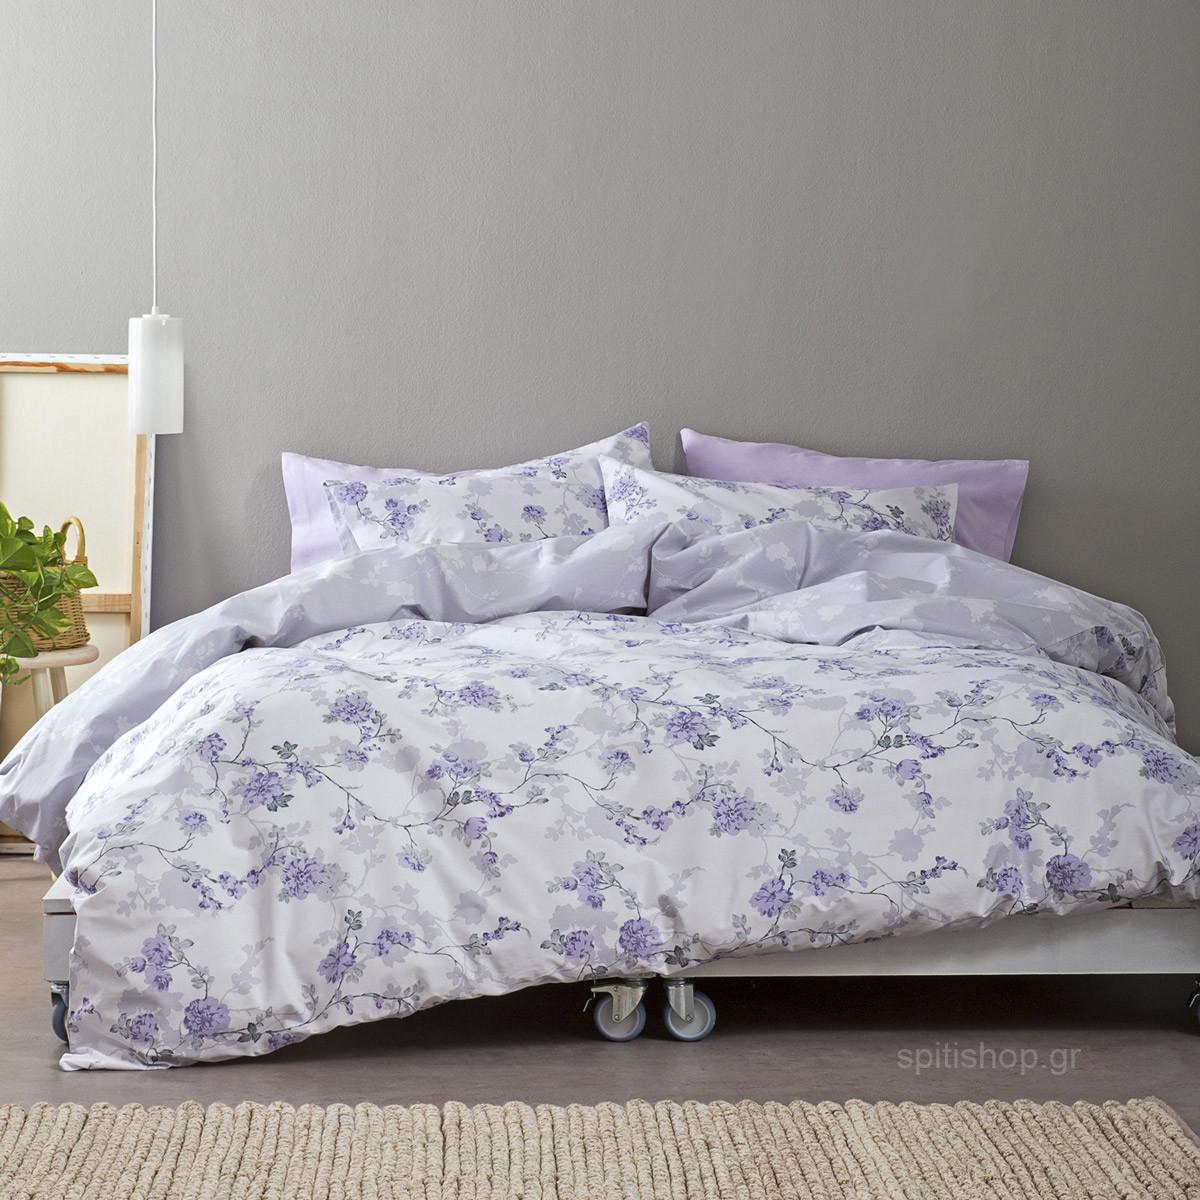 Σεντόνια Μονά (Σετ) Nima Bed Linen Peonia Lilac